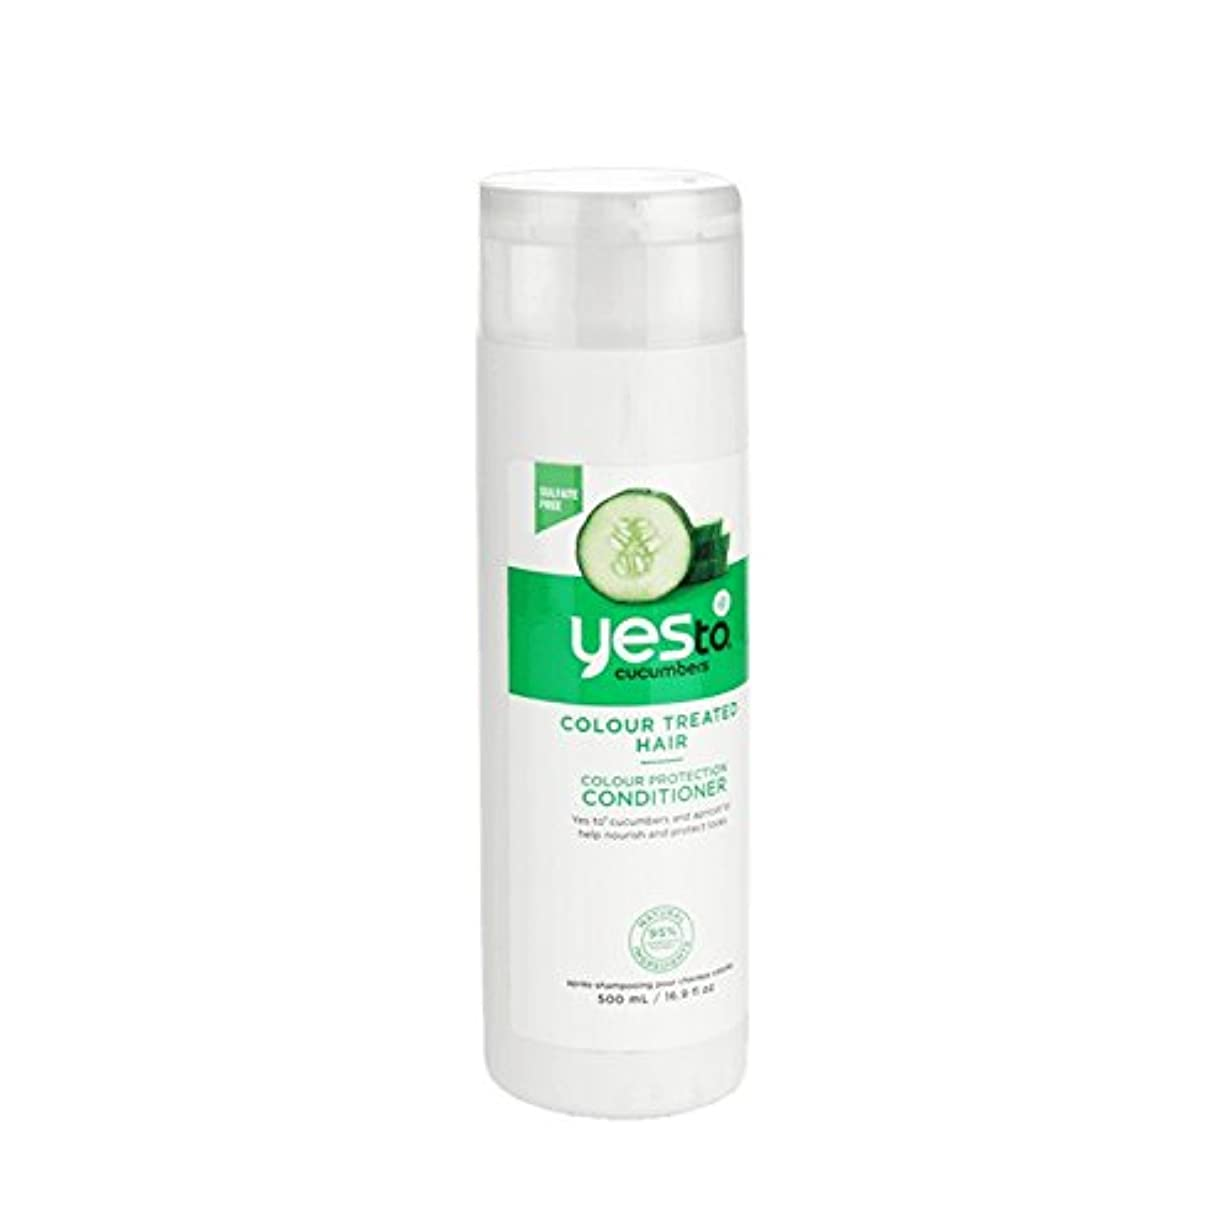 ヨーロッパエゴマニア産地Yes To Cucumbers Colour Protection Conditioner 500ml (Pack of 2) - はいキュウリの色の保護コンディショナー500ミリリットルへ (x2) [並行輸入品]